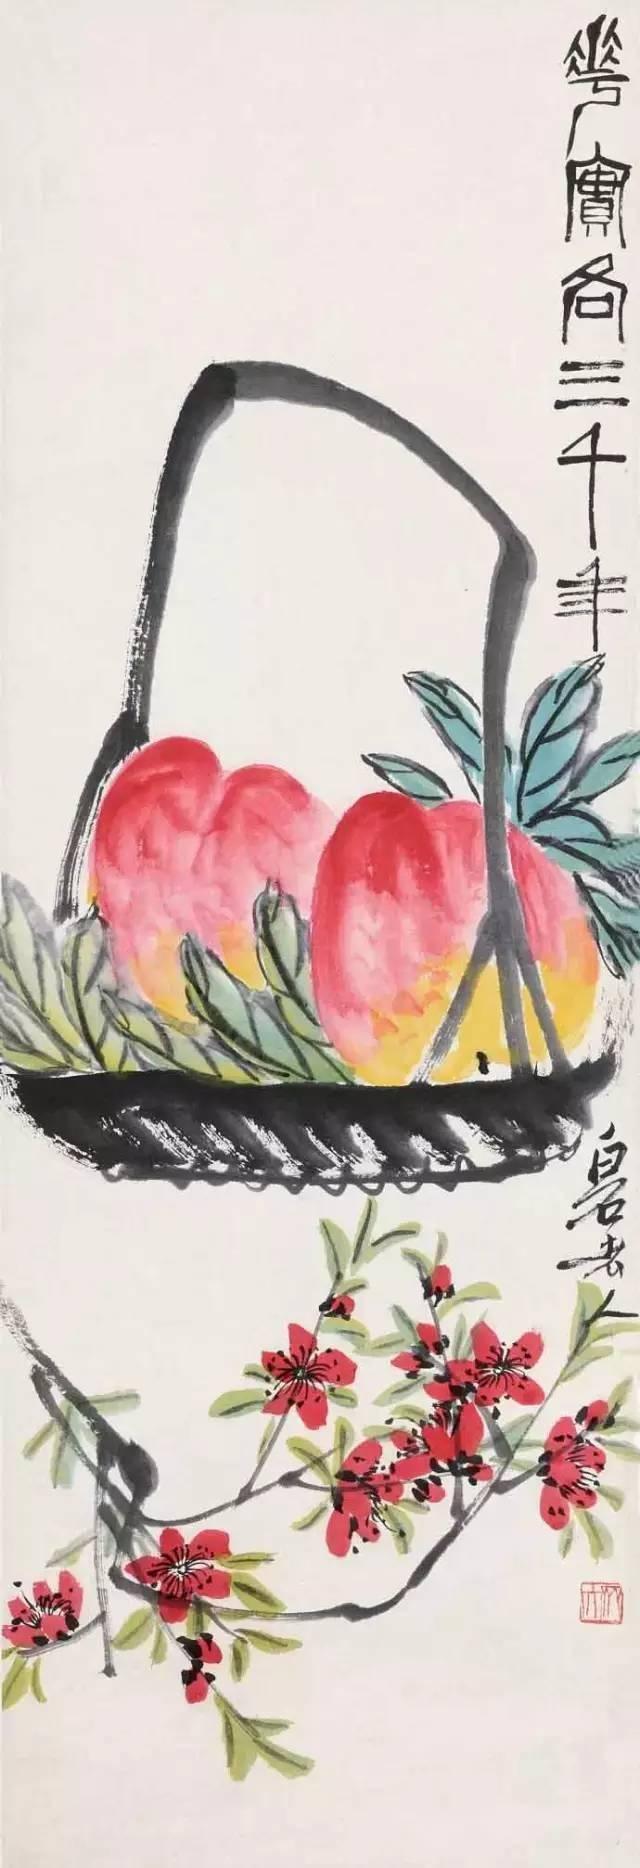 国画大师齐白石《寿桃图》 其中寿桃,尤为重要。民间供奉的福禄寿三星的寿星为白须老翁,持杖,额部隆起,手捧仙桃。民间认为供奉这位仙神,可以使人健康长寿。一直到现代的祝寿活动中,给家里老人祝寿,尊其为寿星,设寿堂,挂寿幛,摆寿面、寿果和寿桃,寿桃一直都是必备的。 作为点题标志,国画寿桃作品,是给老人祝寿送礼的极佳选择。